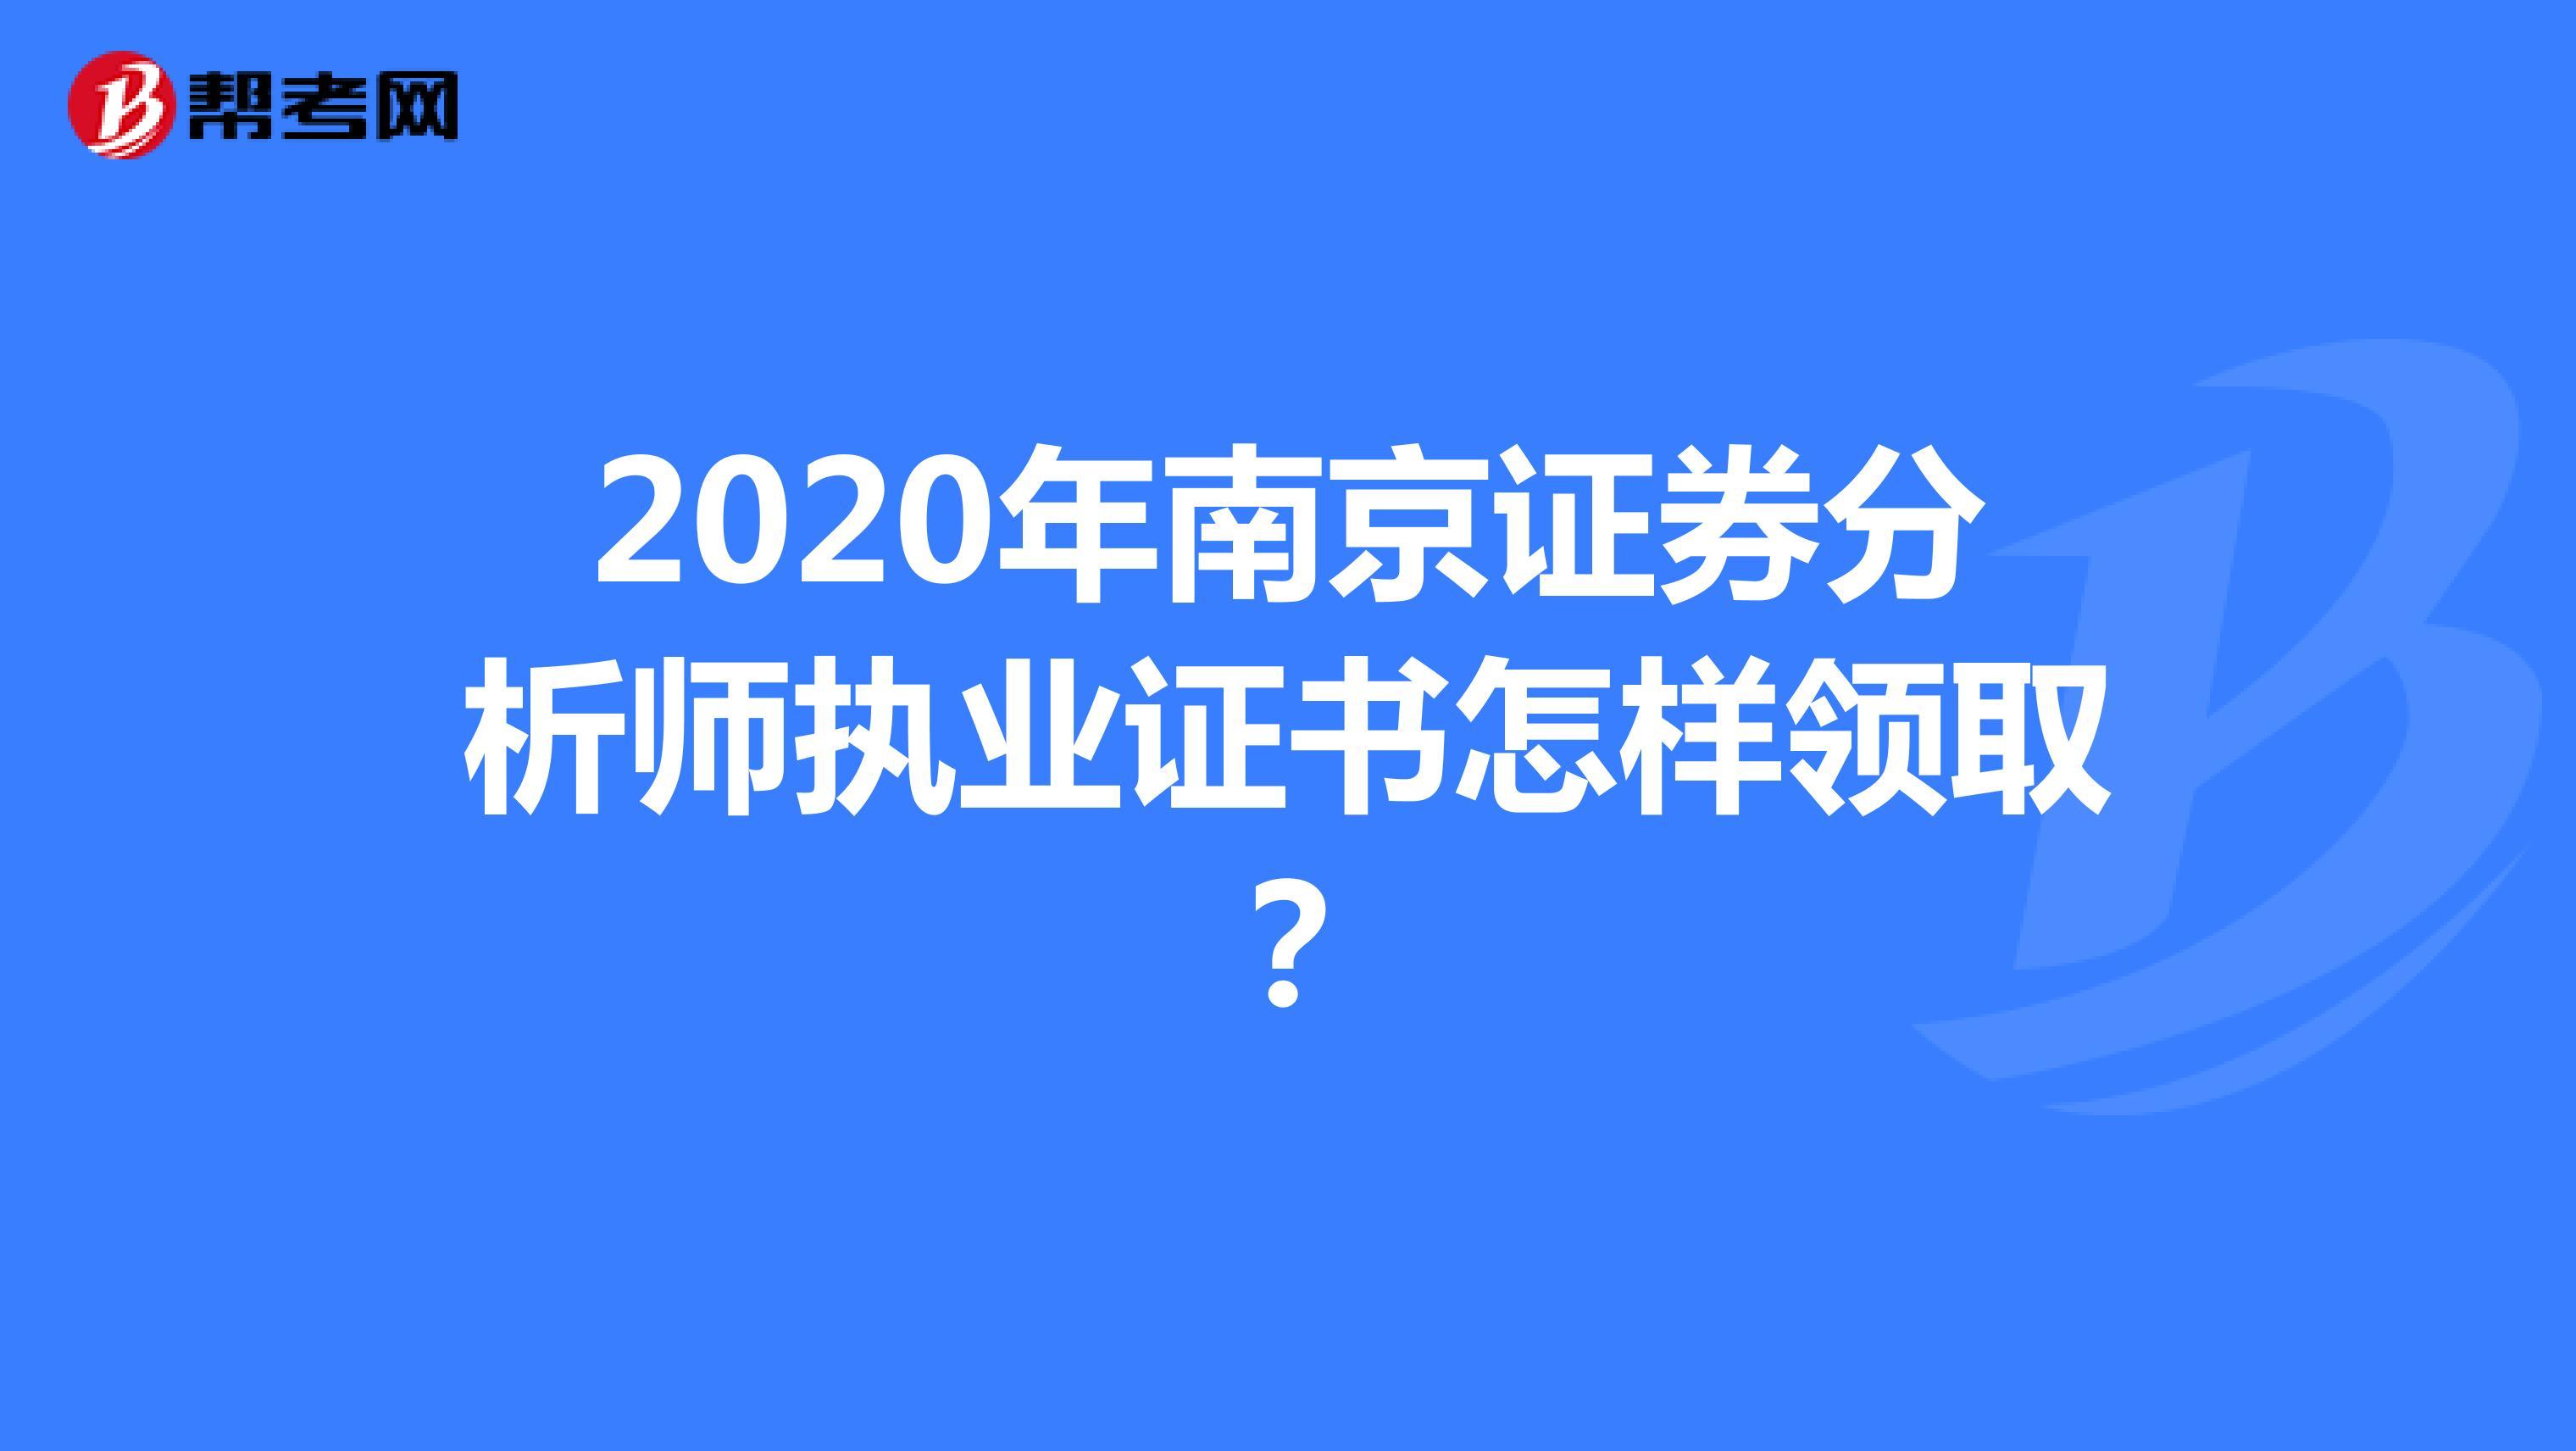 2020年南京證券分析師執業證書怎樣領???